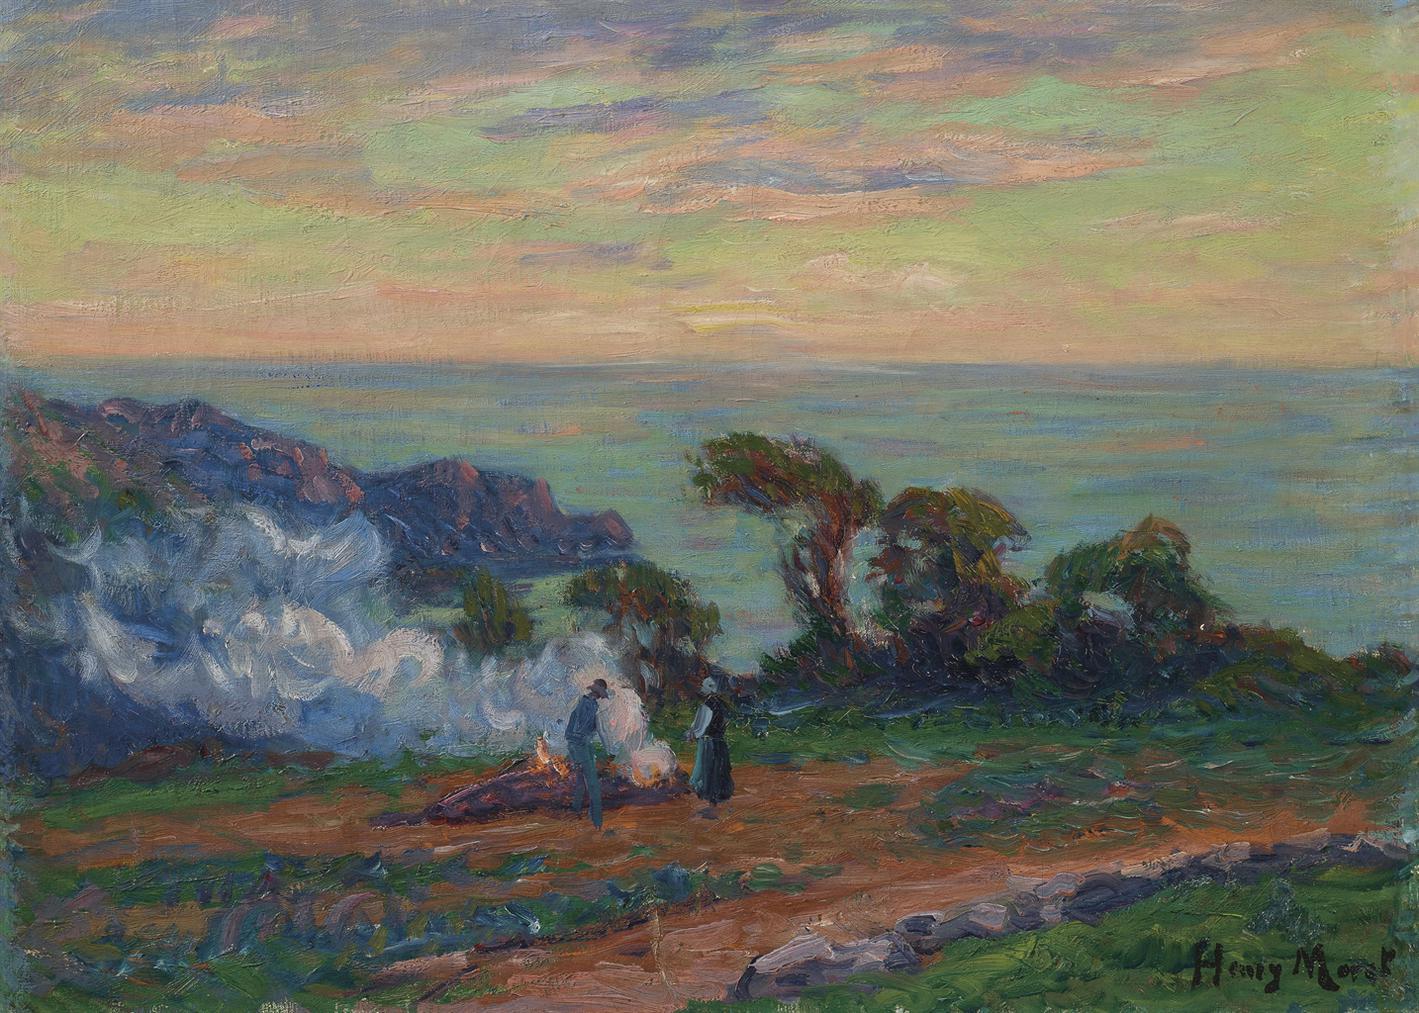 Henry Moret-Le Brulage De Goemon En Bord De Mer-1912